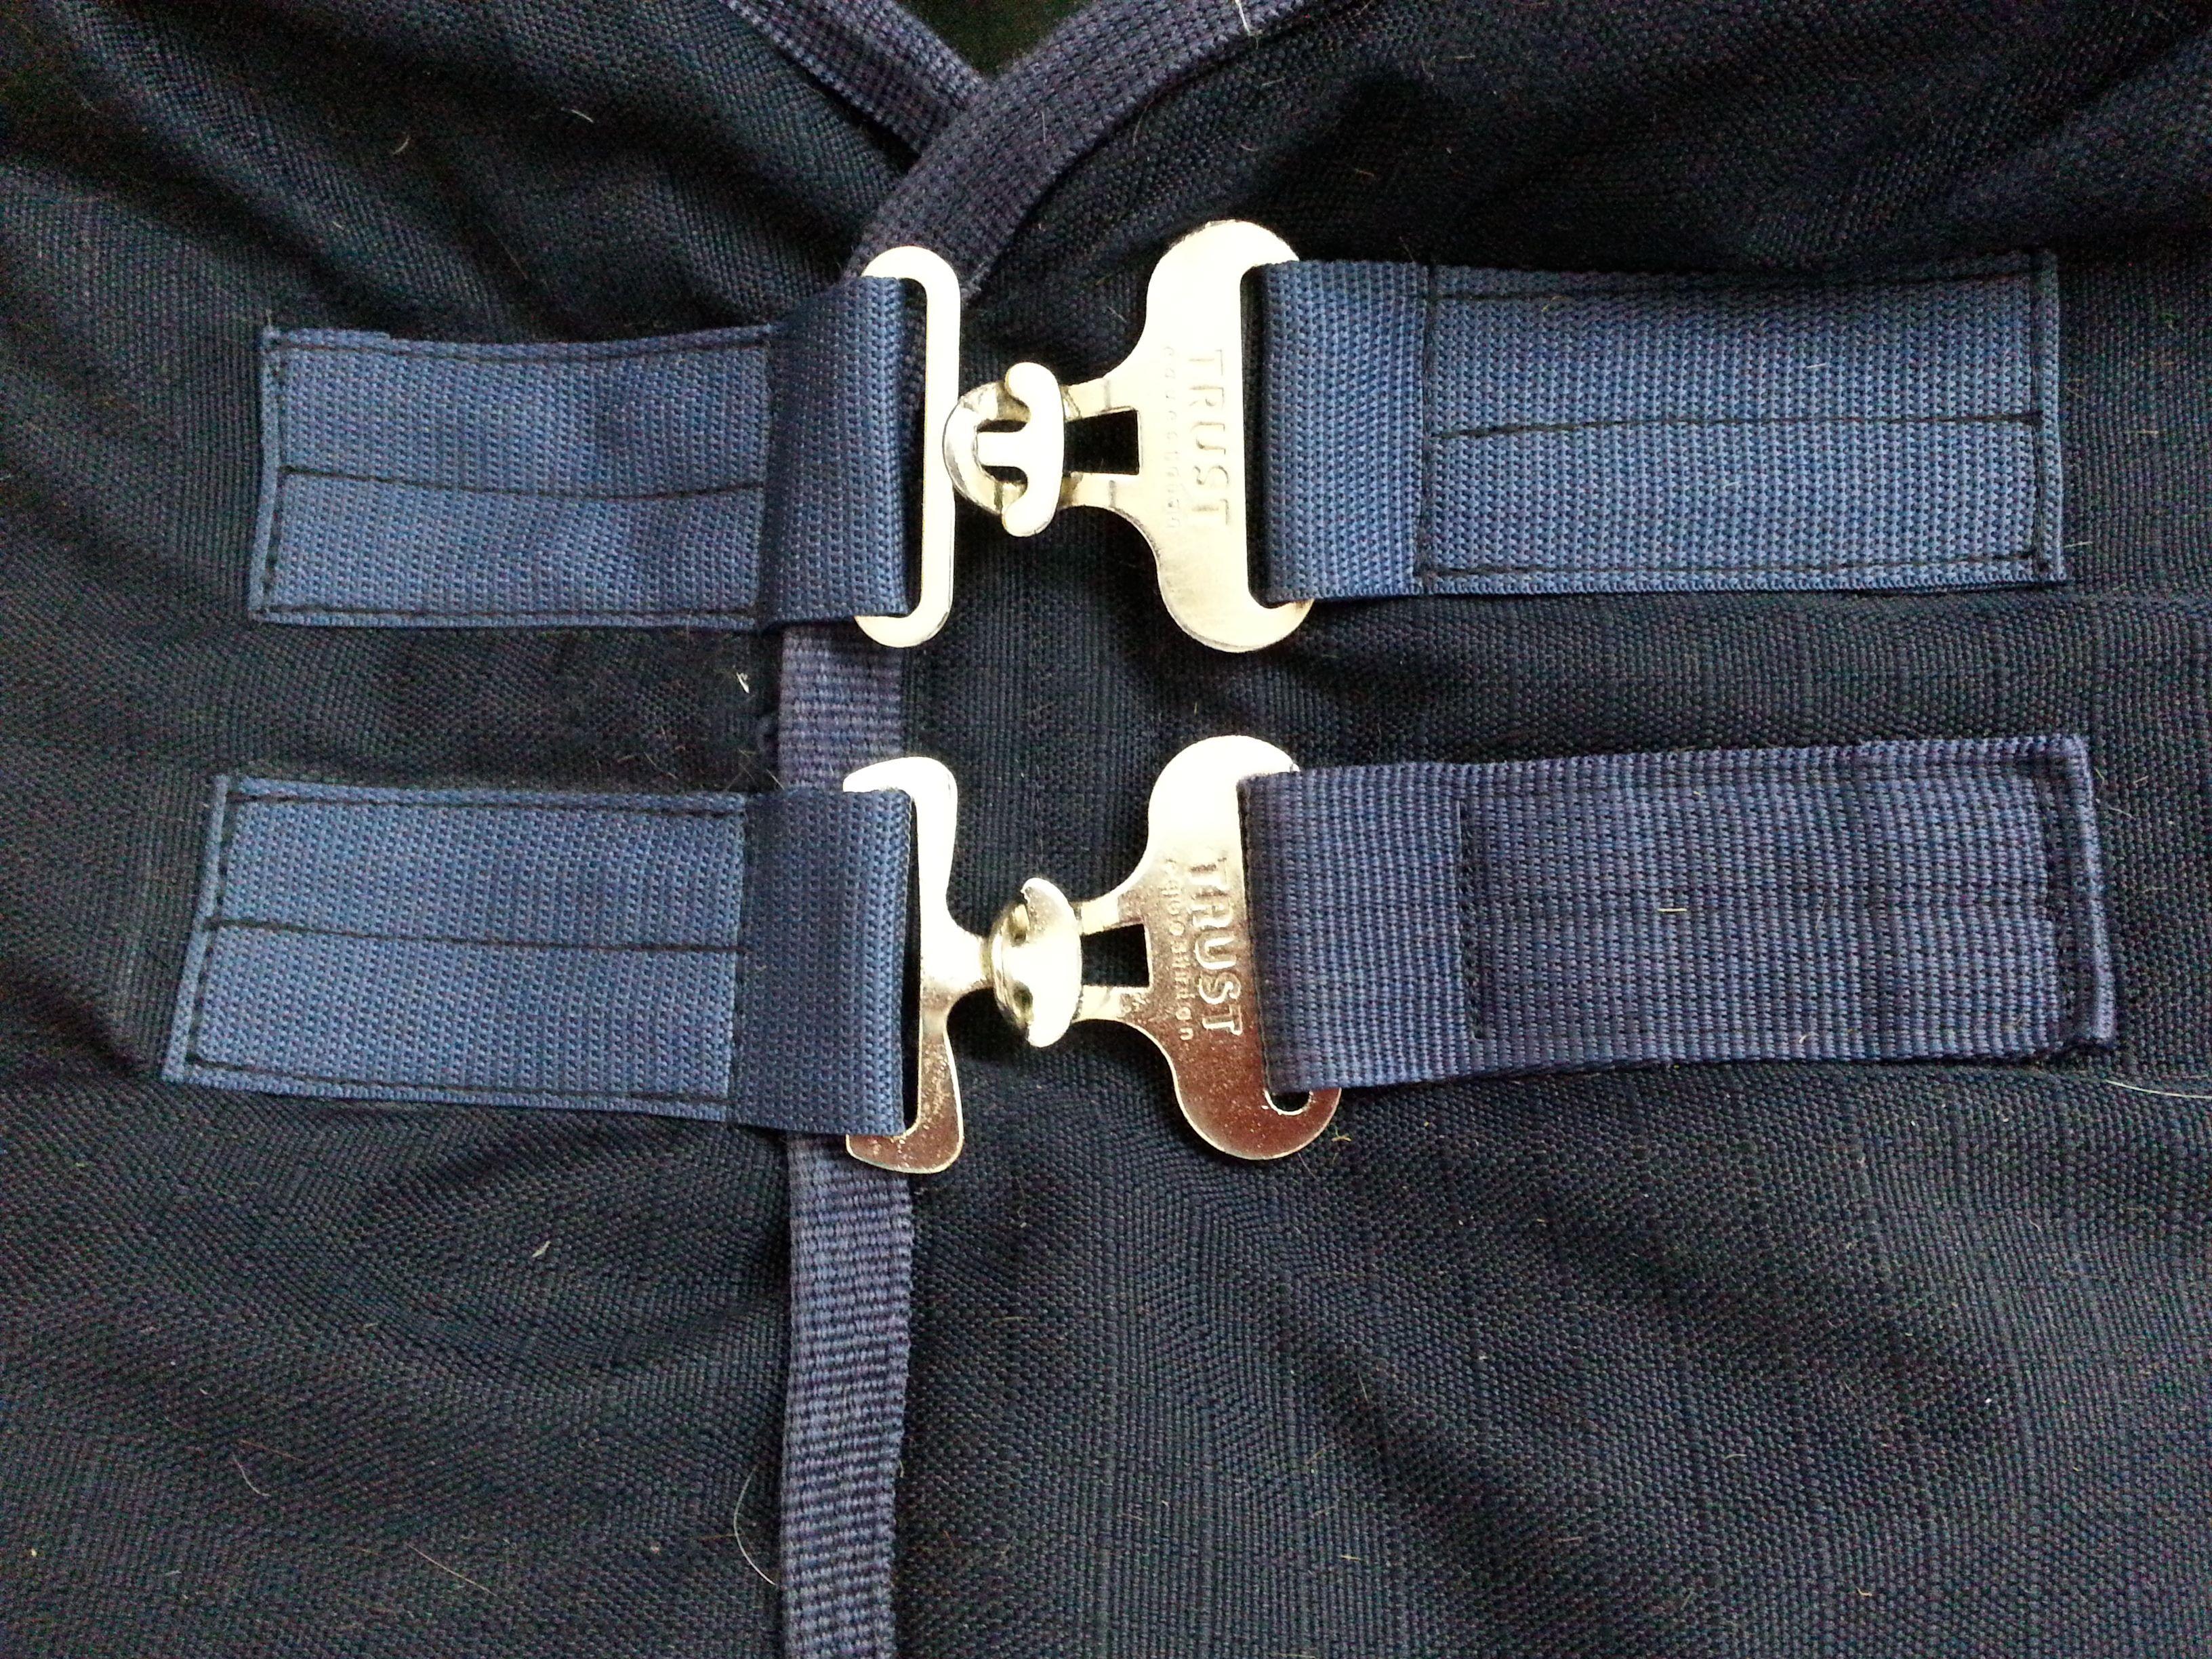 Horse corner; New buckles and straps sewn/ Pferdeecke; Neue Schnallen und Gurte genäht